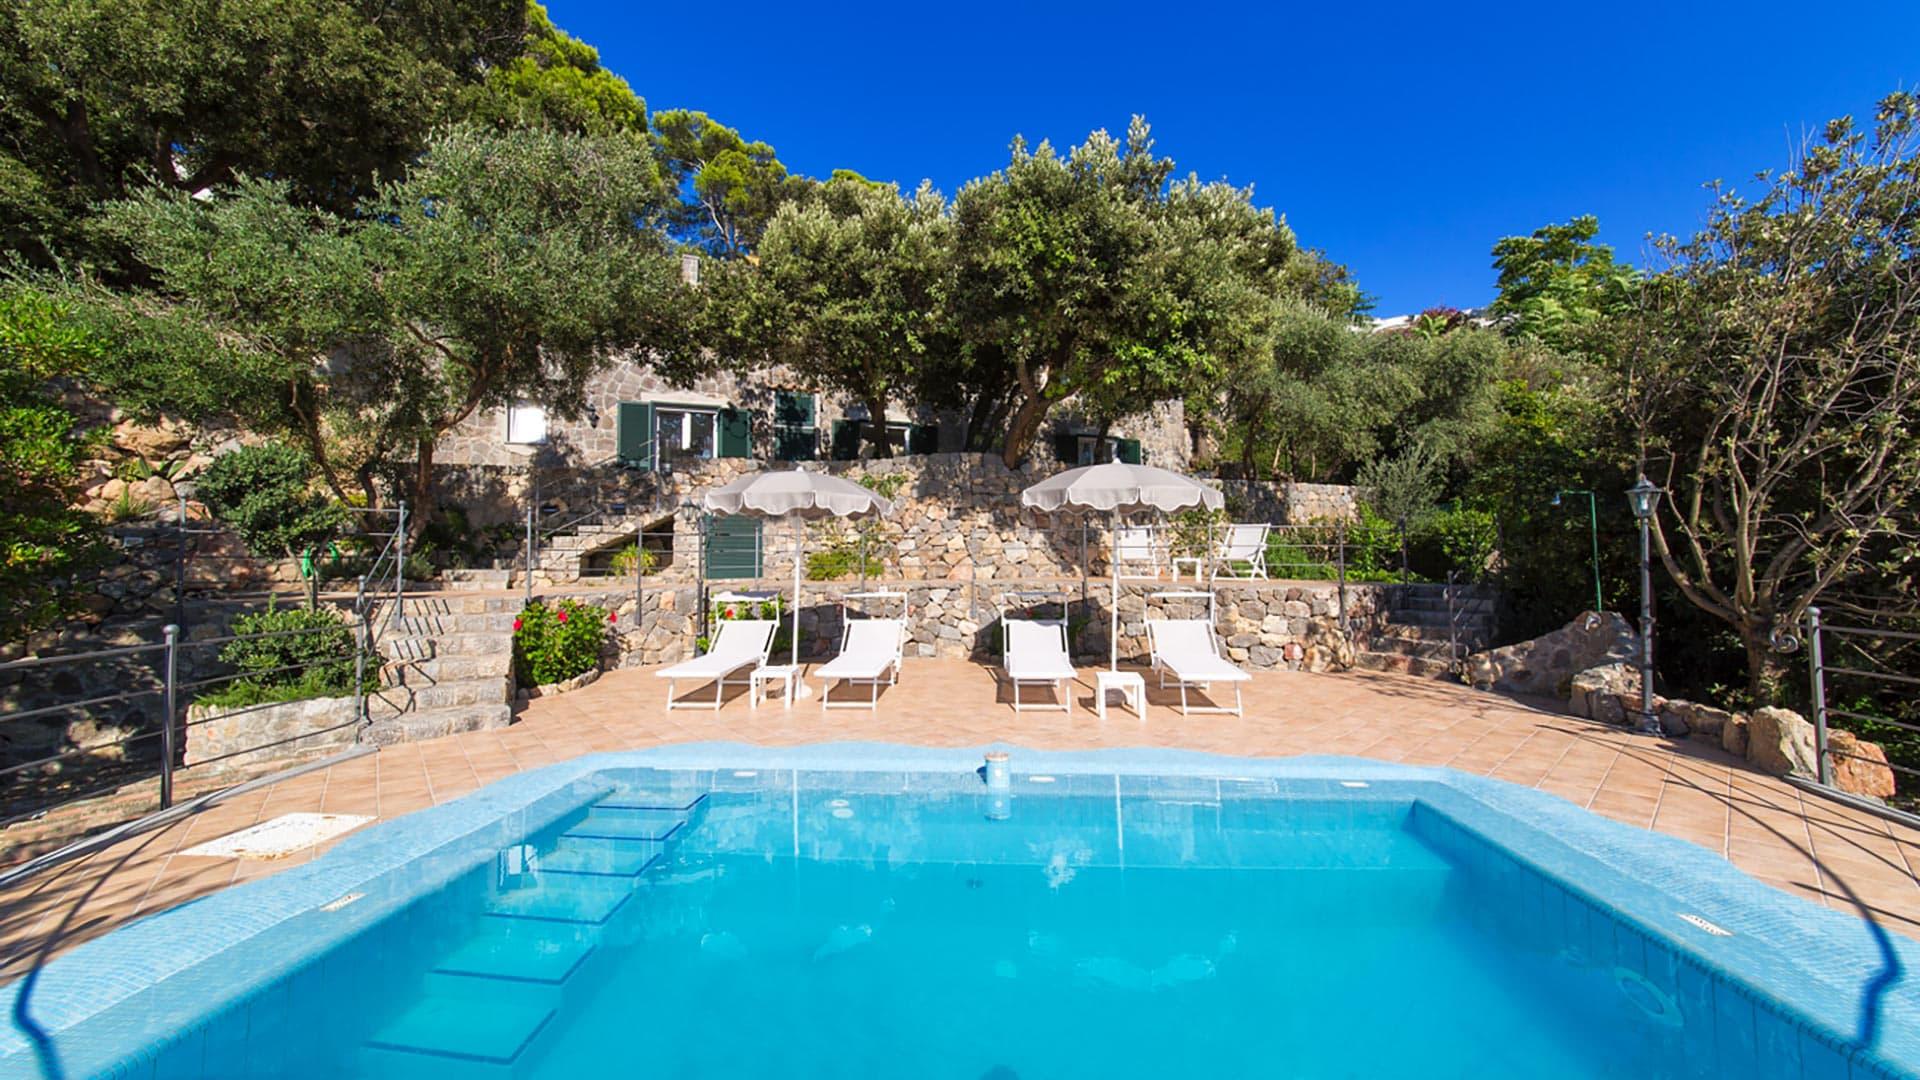 Villa Villa Sibilla, Rental in Campania